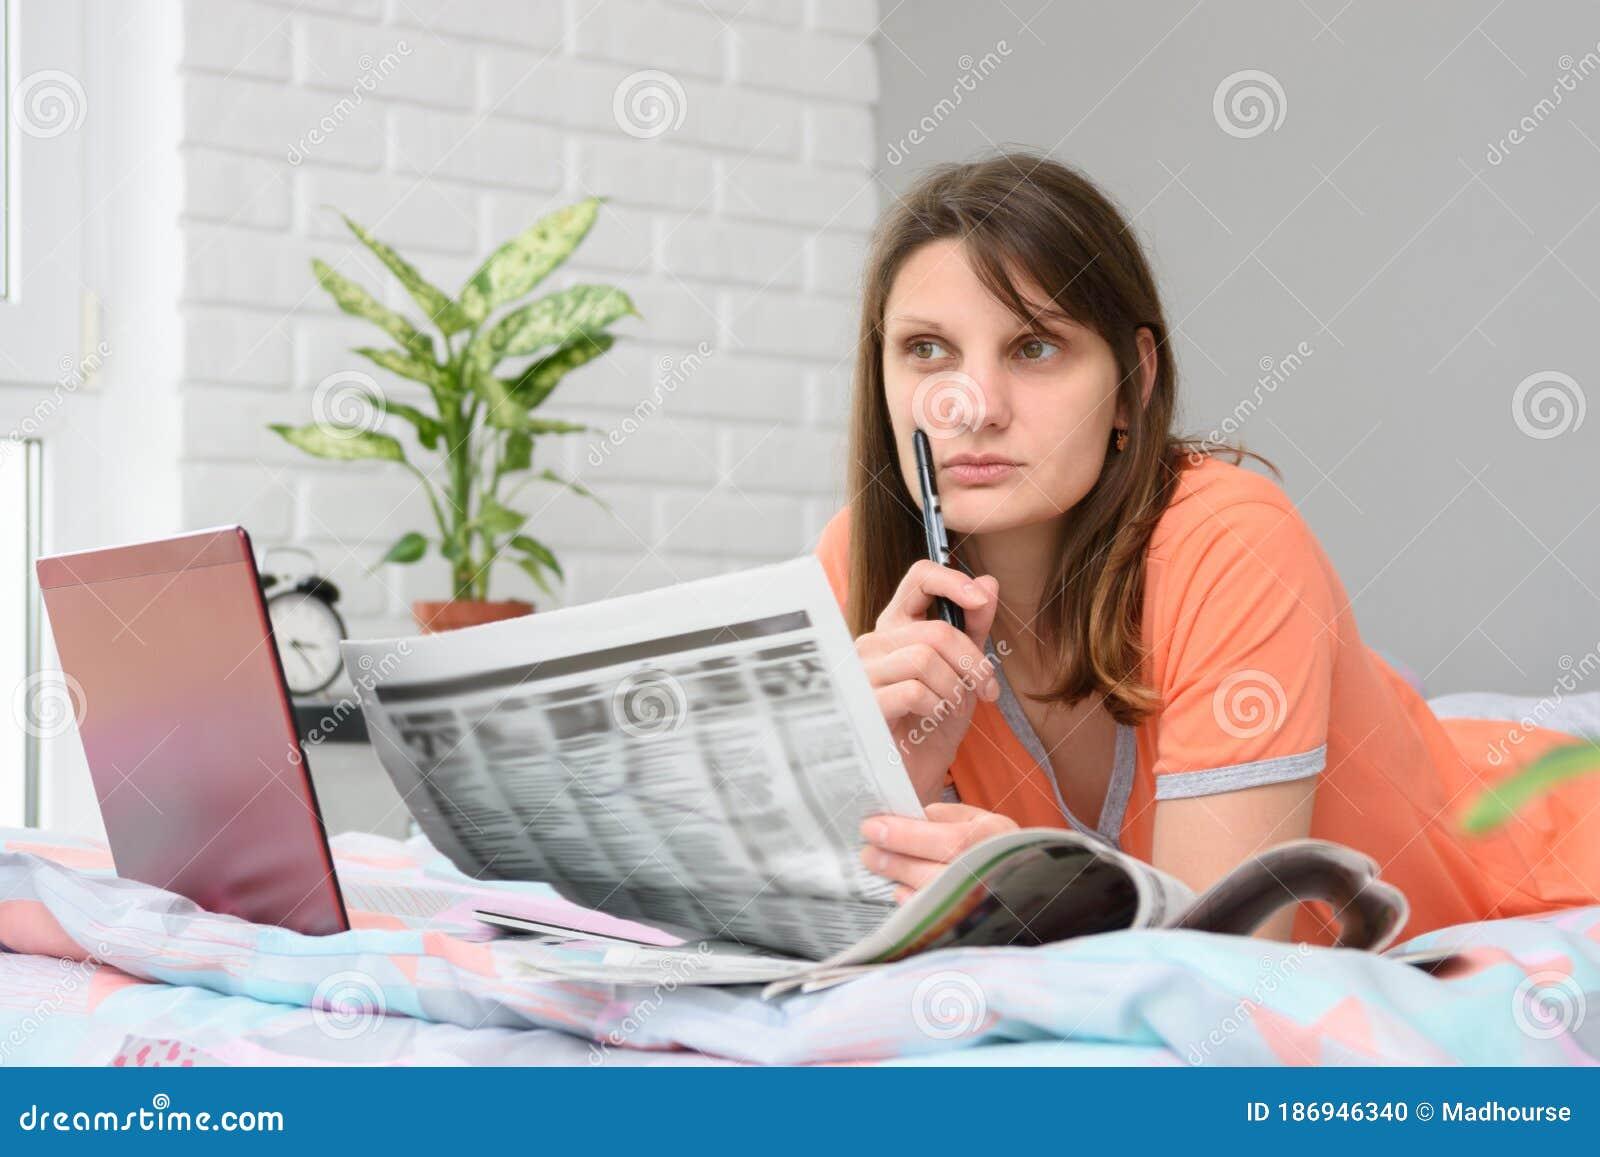 Фото для реклам девушка работа работы для девушек до 18